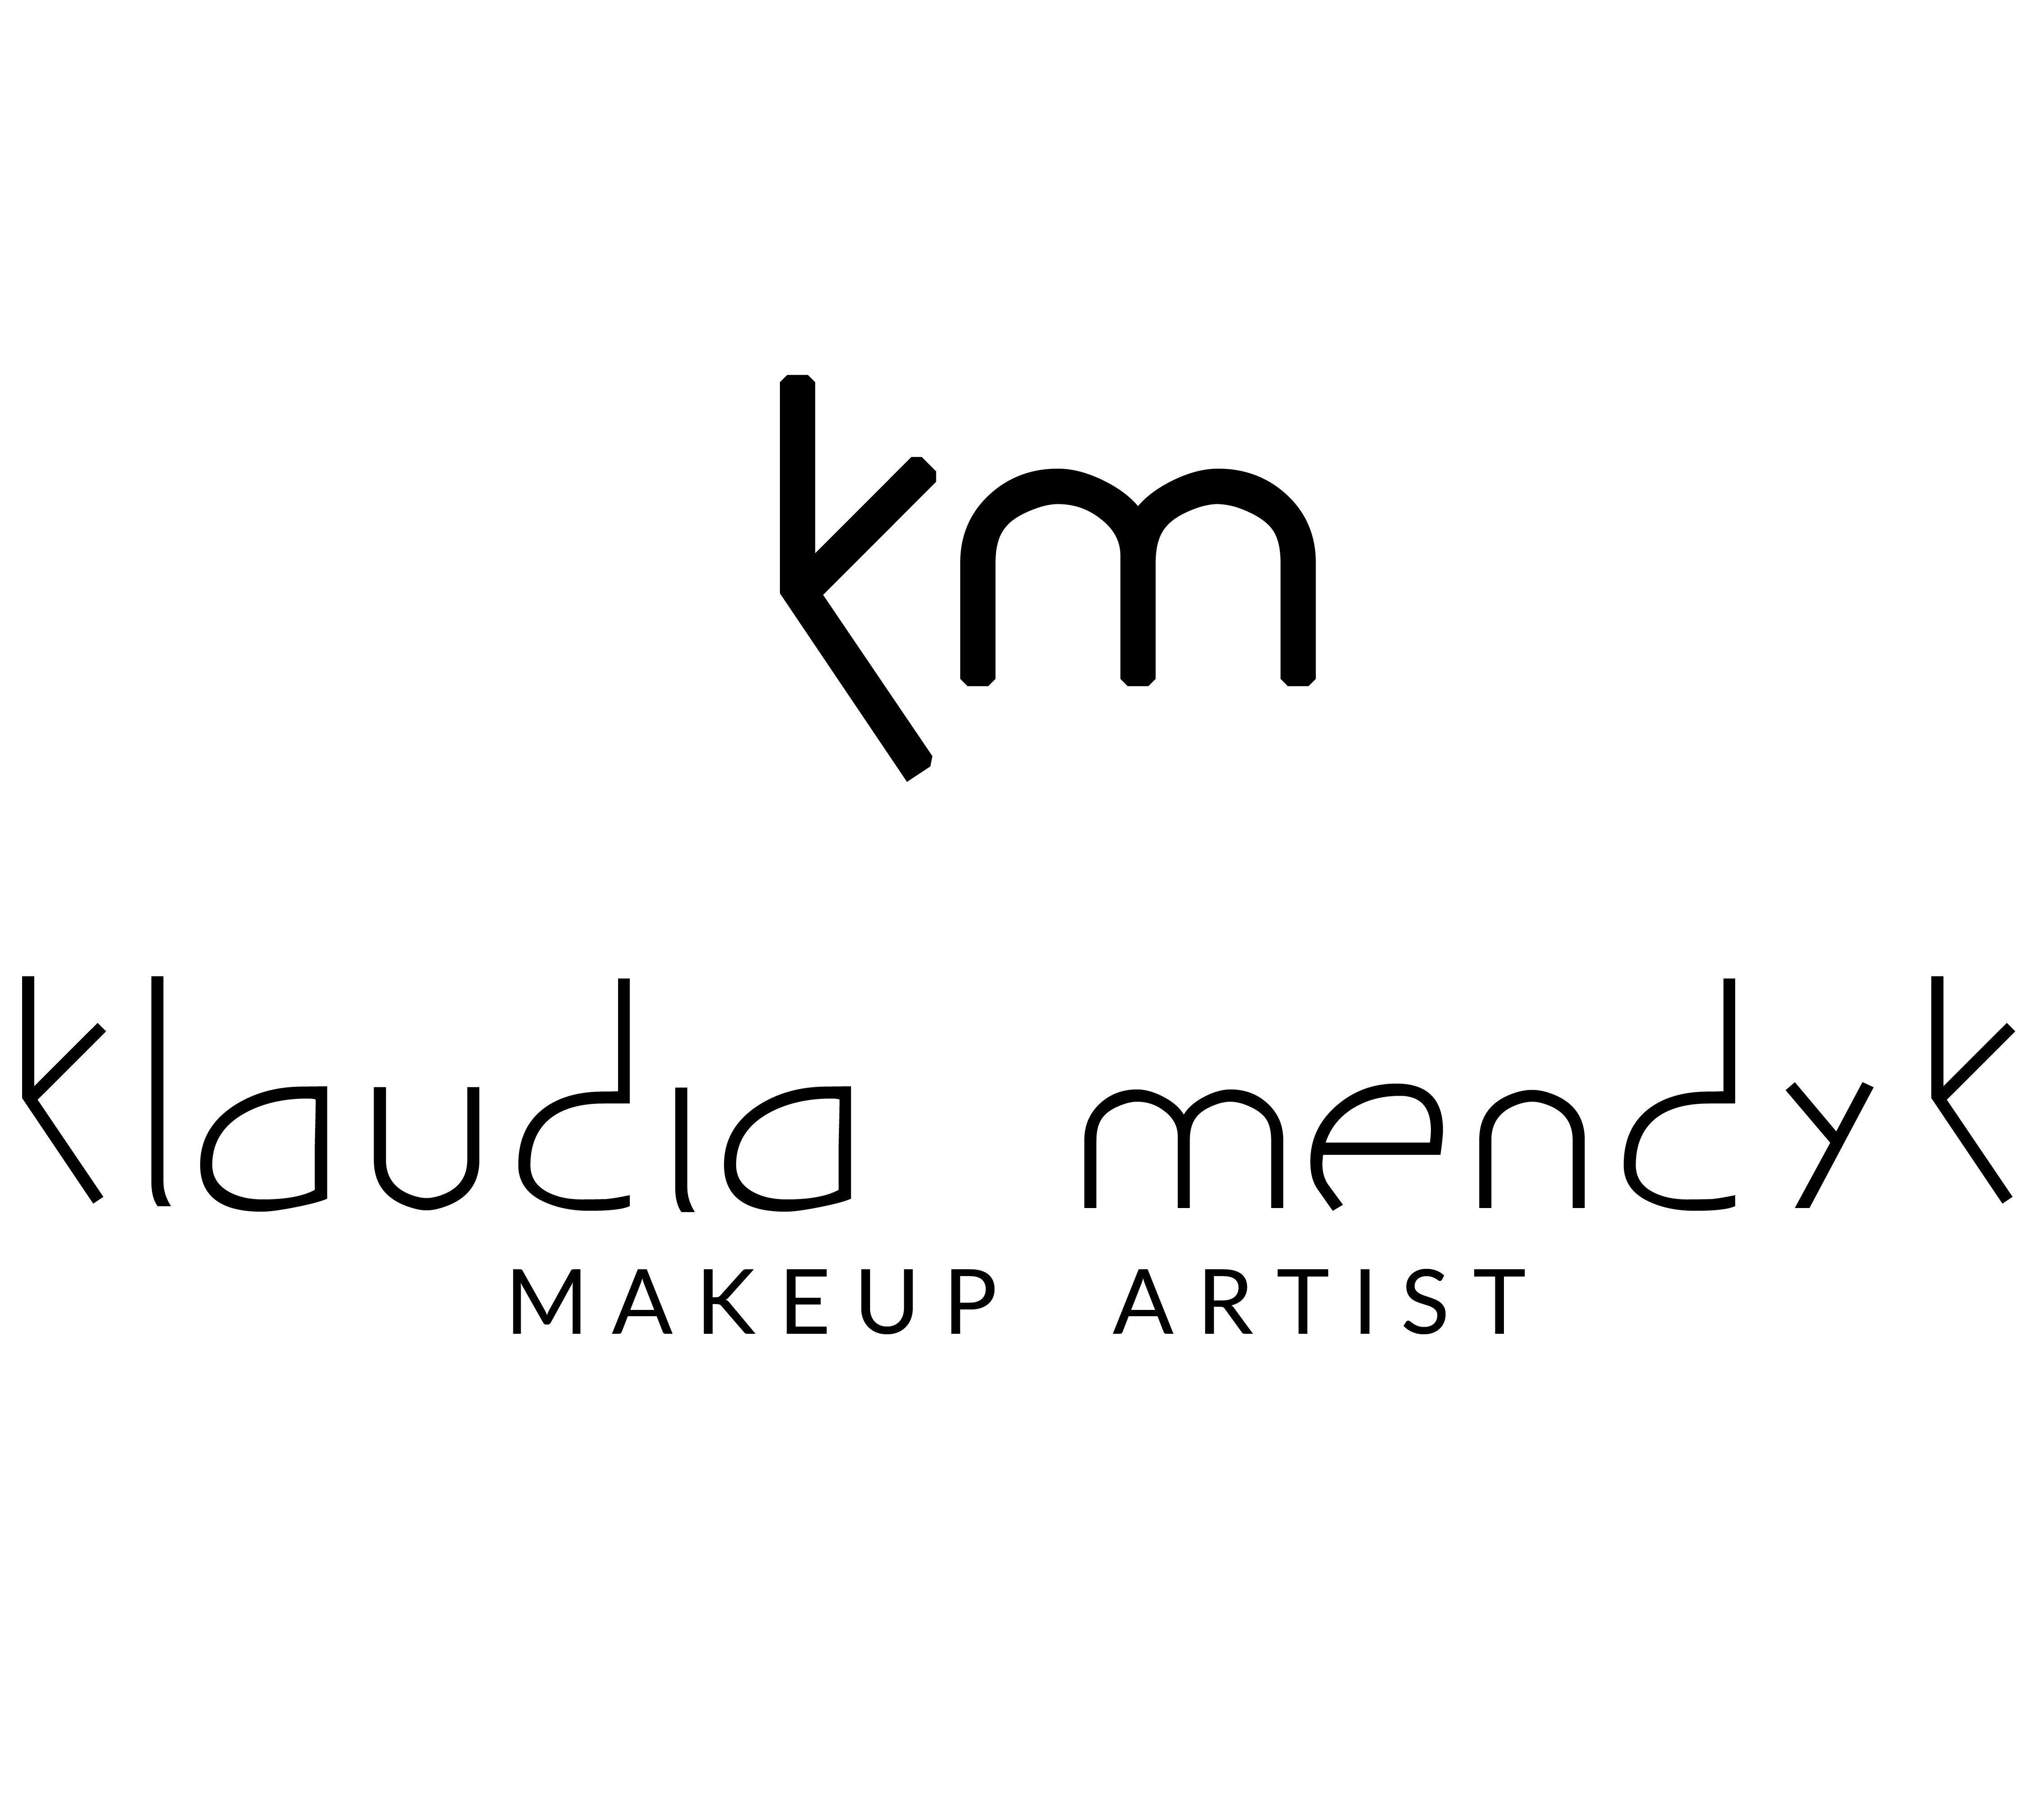 Profesjonalny makijaż ślubny, makijaż okazjonalny, makijaż biznesowy – Klaudia Mendyk Makeup Artist